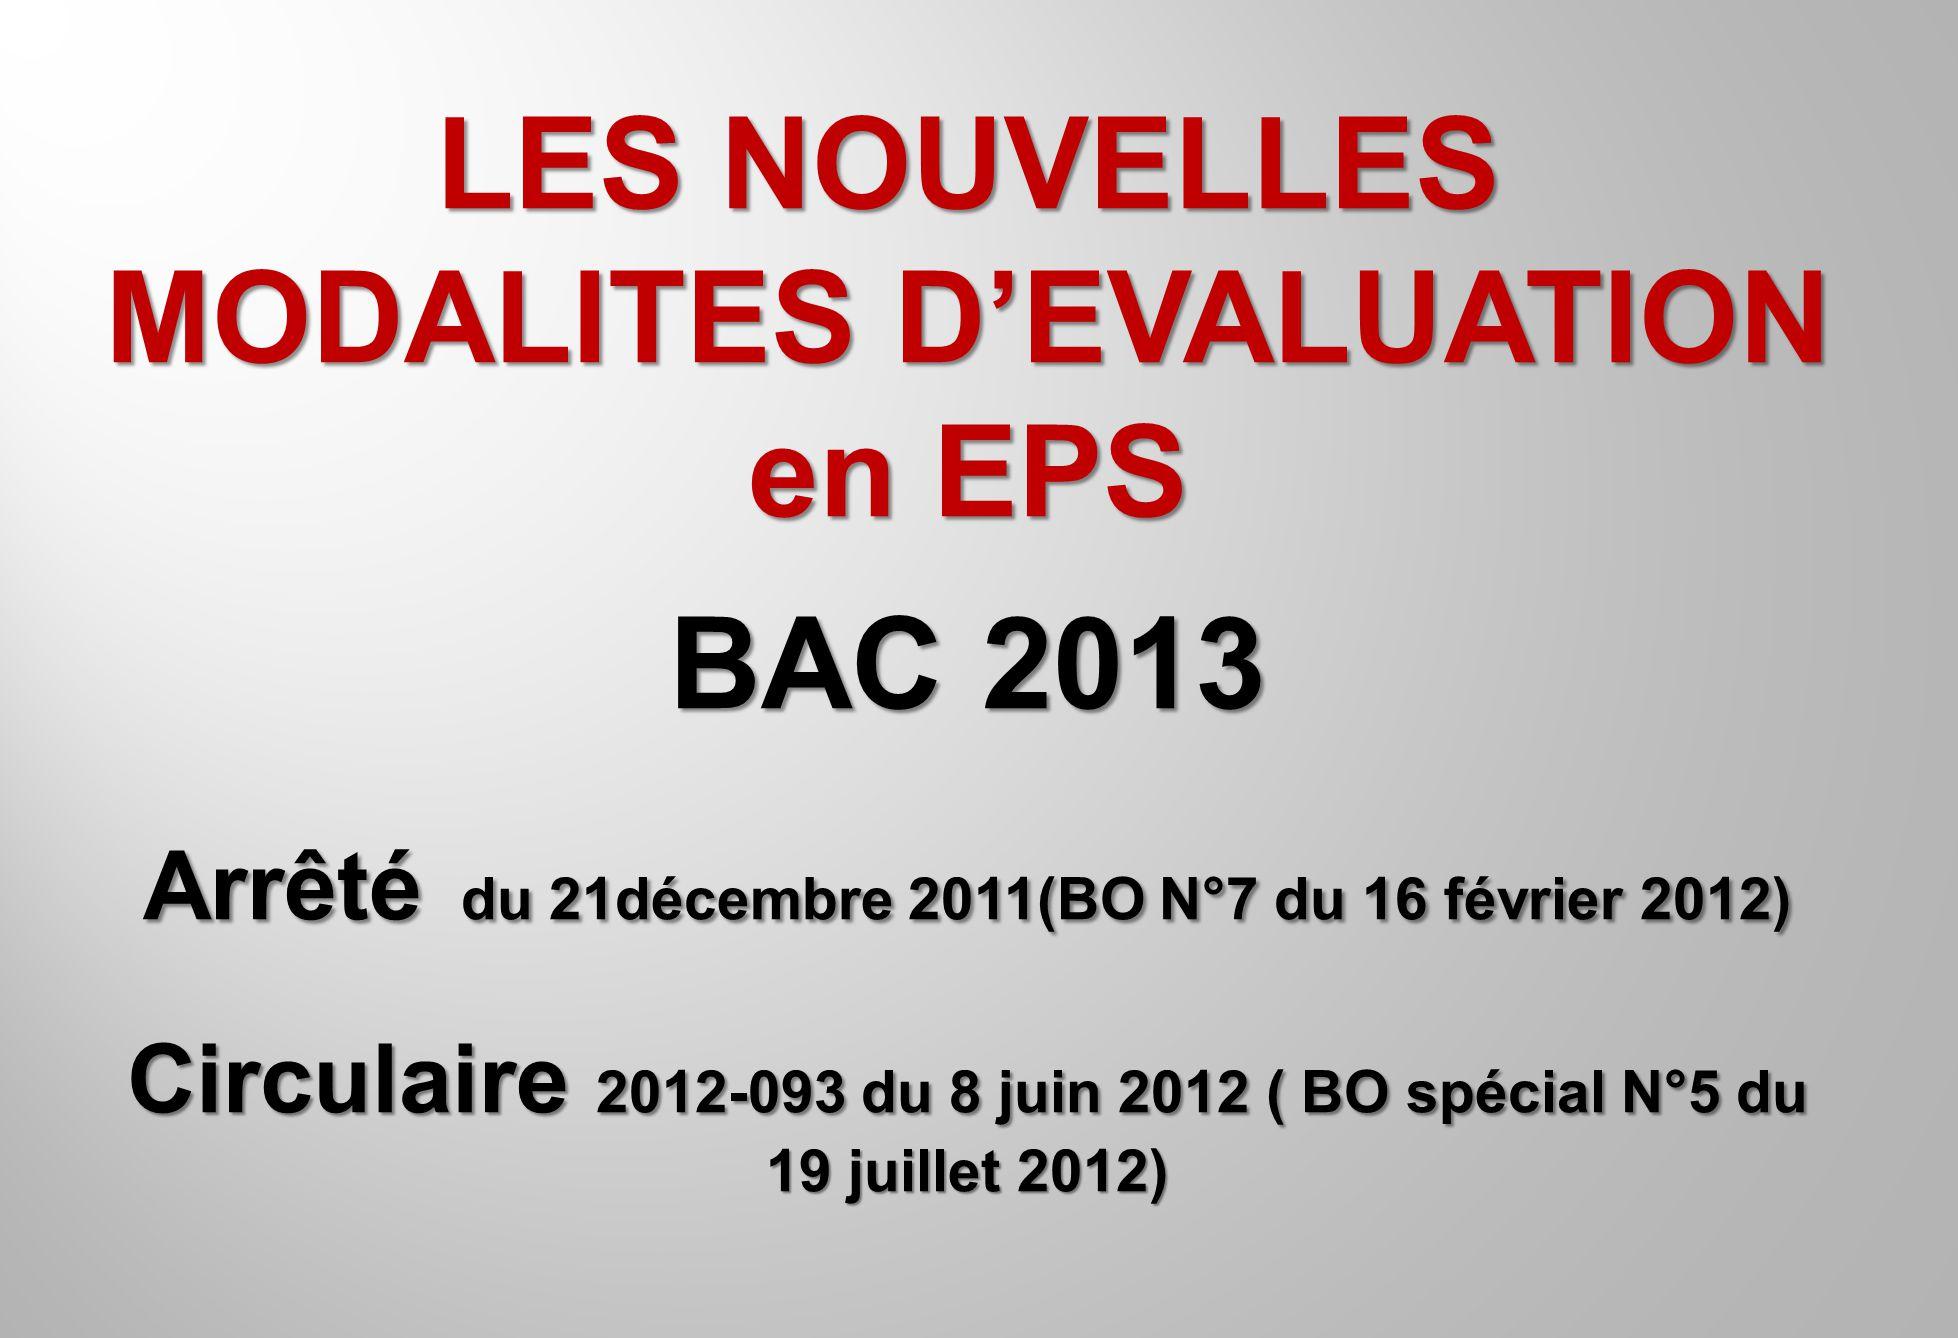 LES NOUVELLES MODALITES DEVALUATION en EPS BAC 2013 Arrêté du 21décembre 2011(BO N°7 du 16 février 2012) Circulaire 2012-093 du 8 juin 2012 ( BO spéci